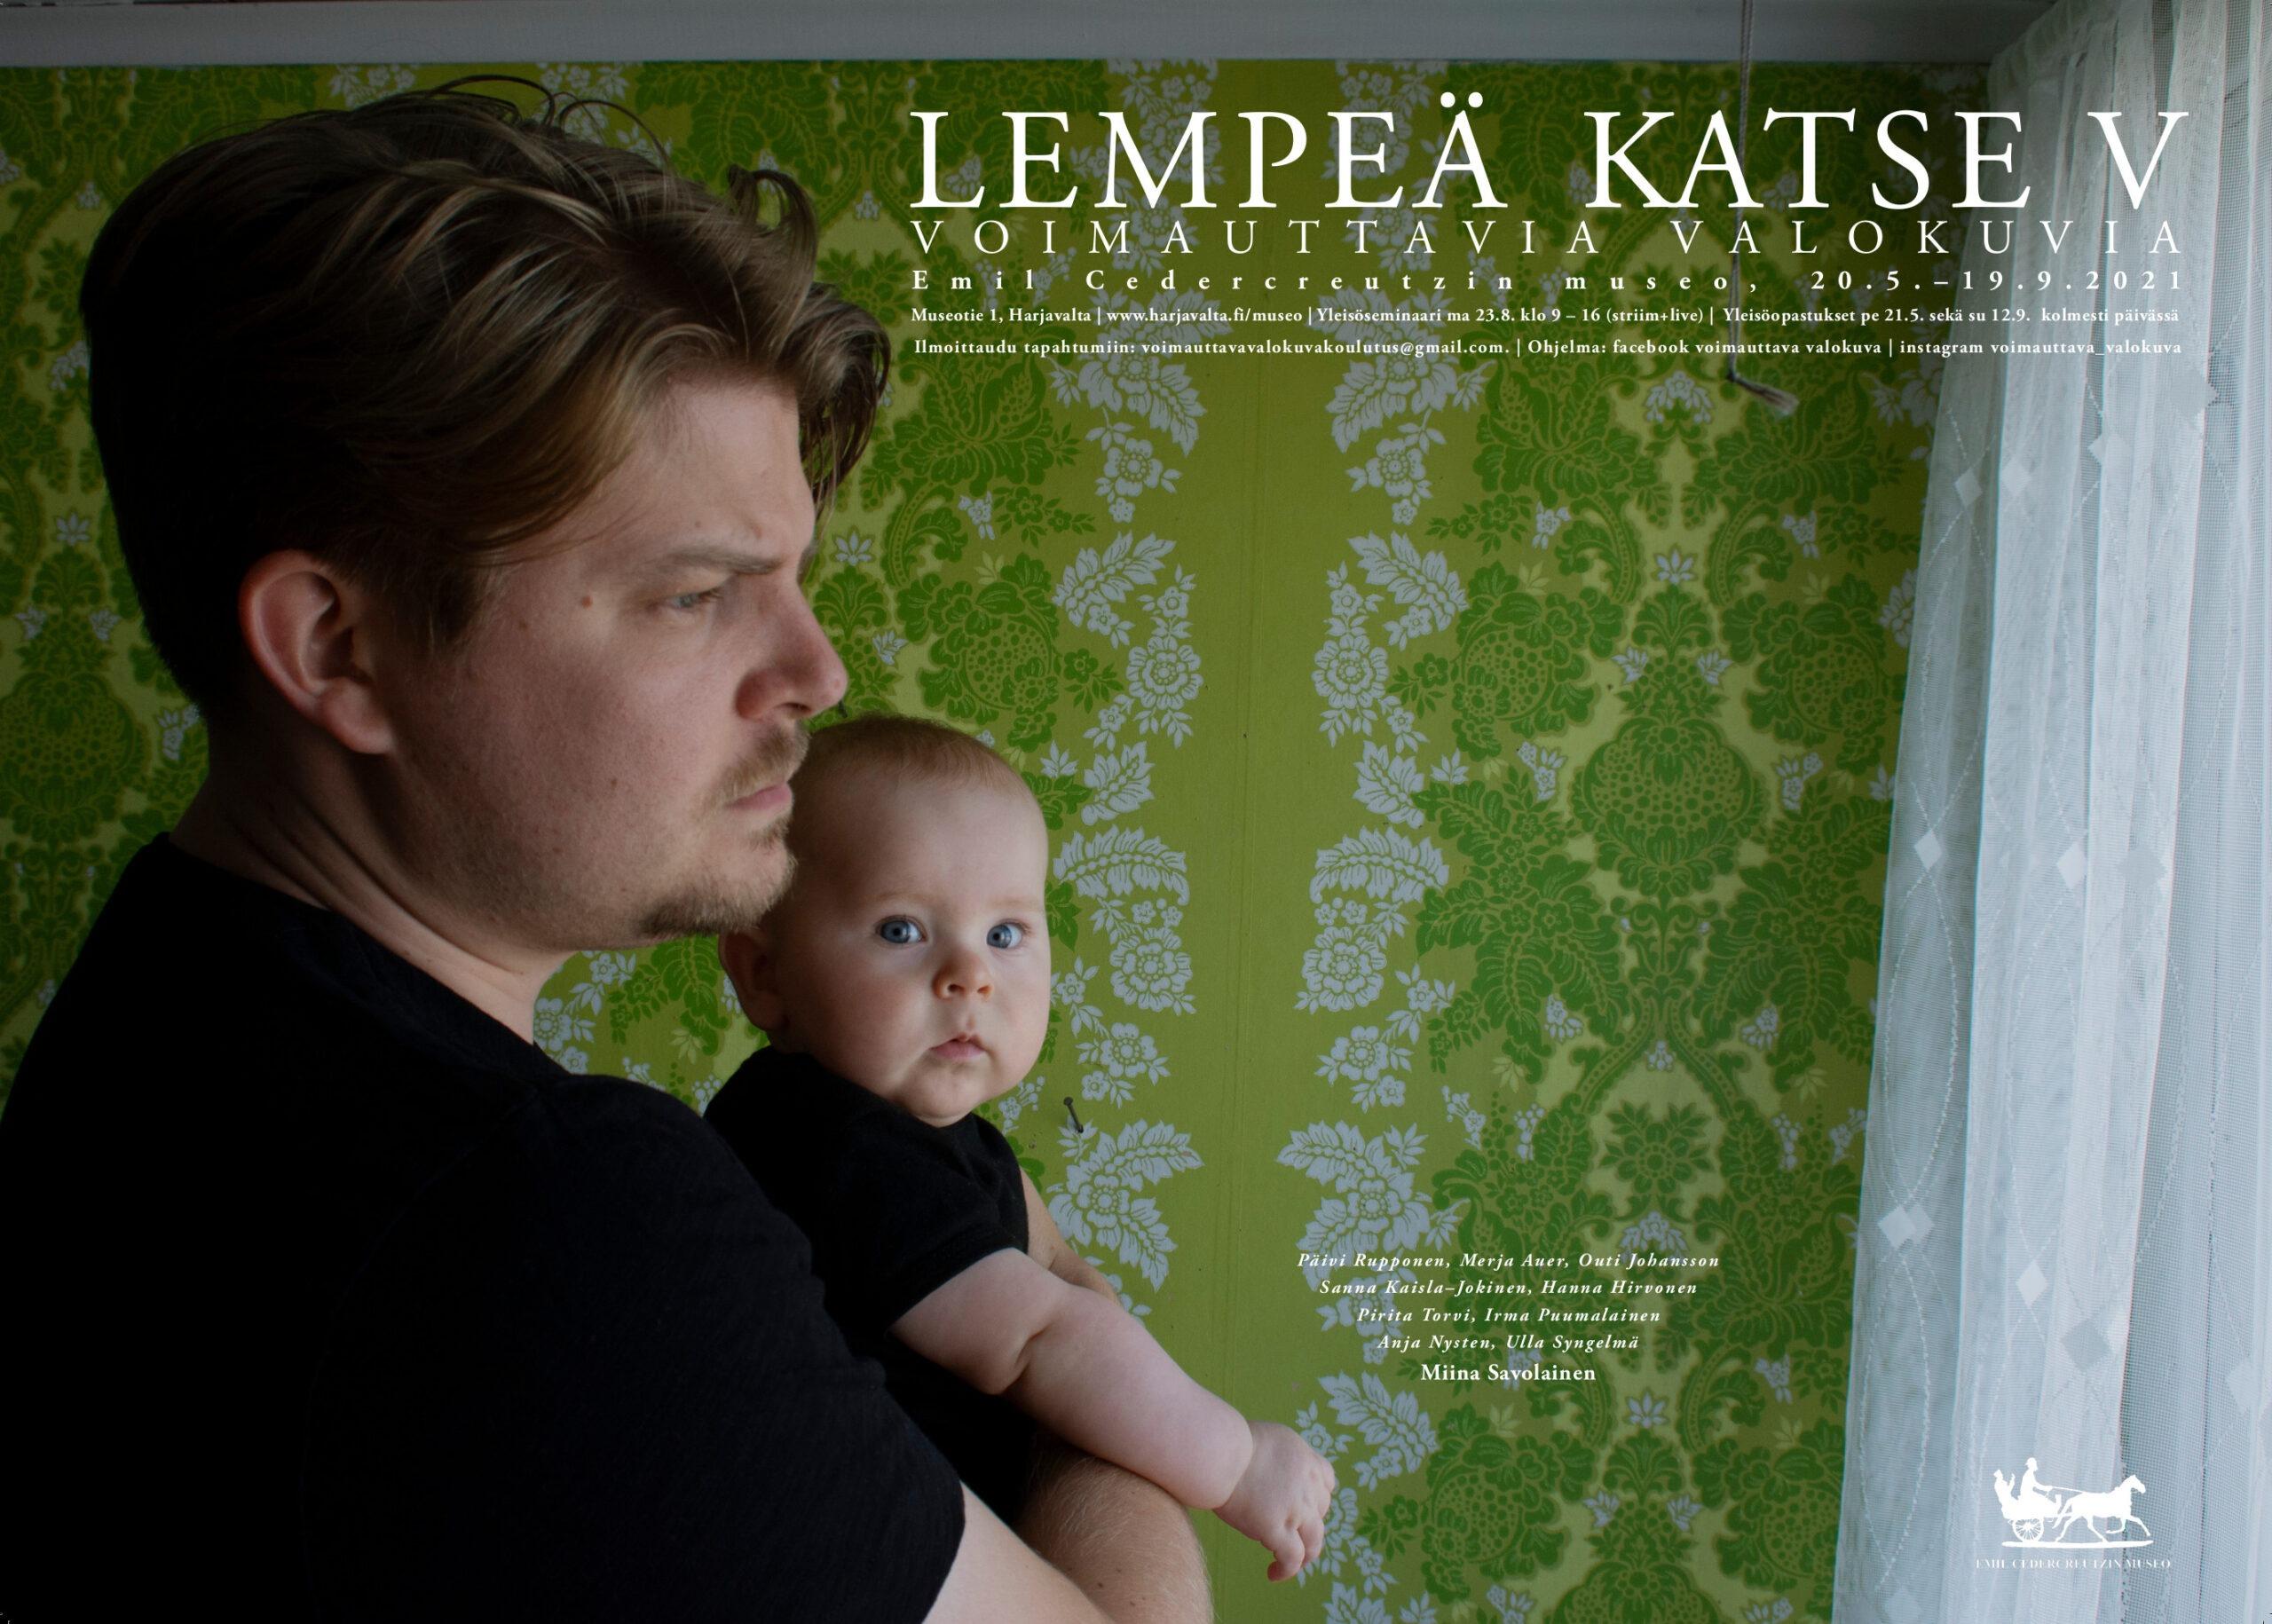 Lempeä Katse V -näyttelyn juliste.